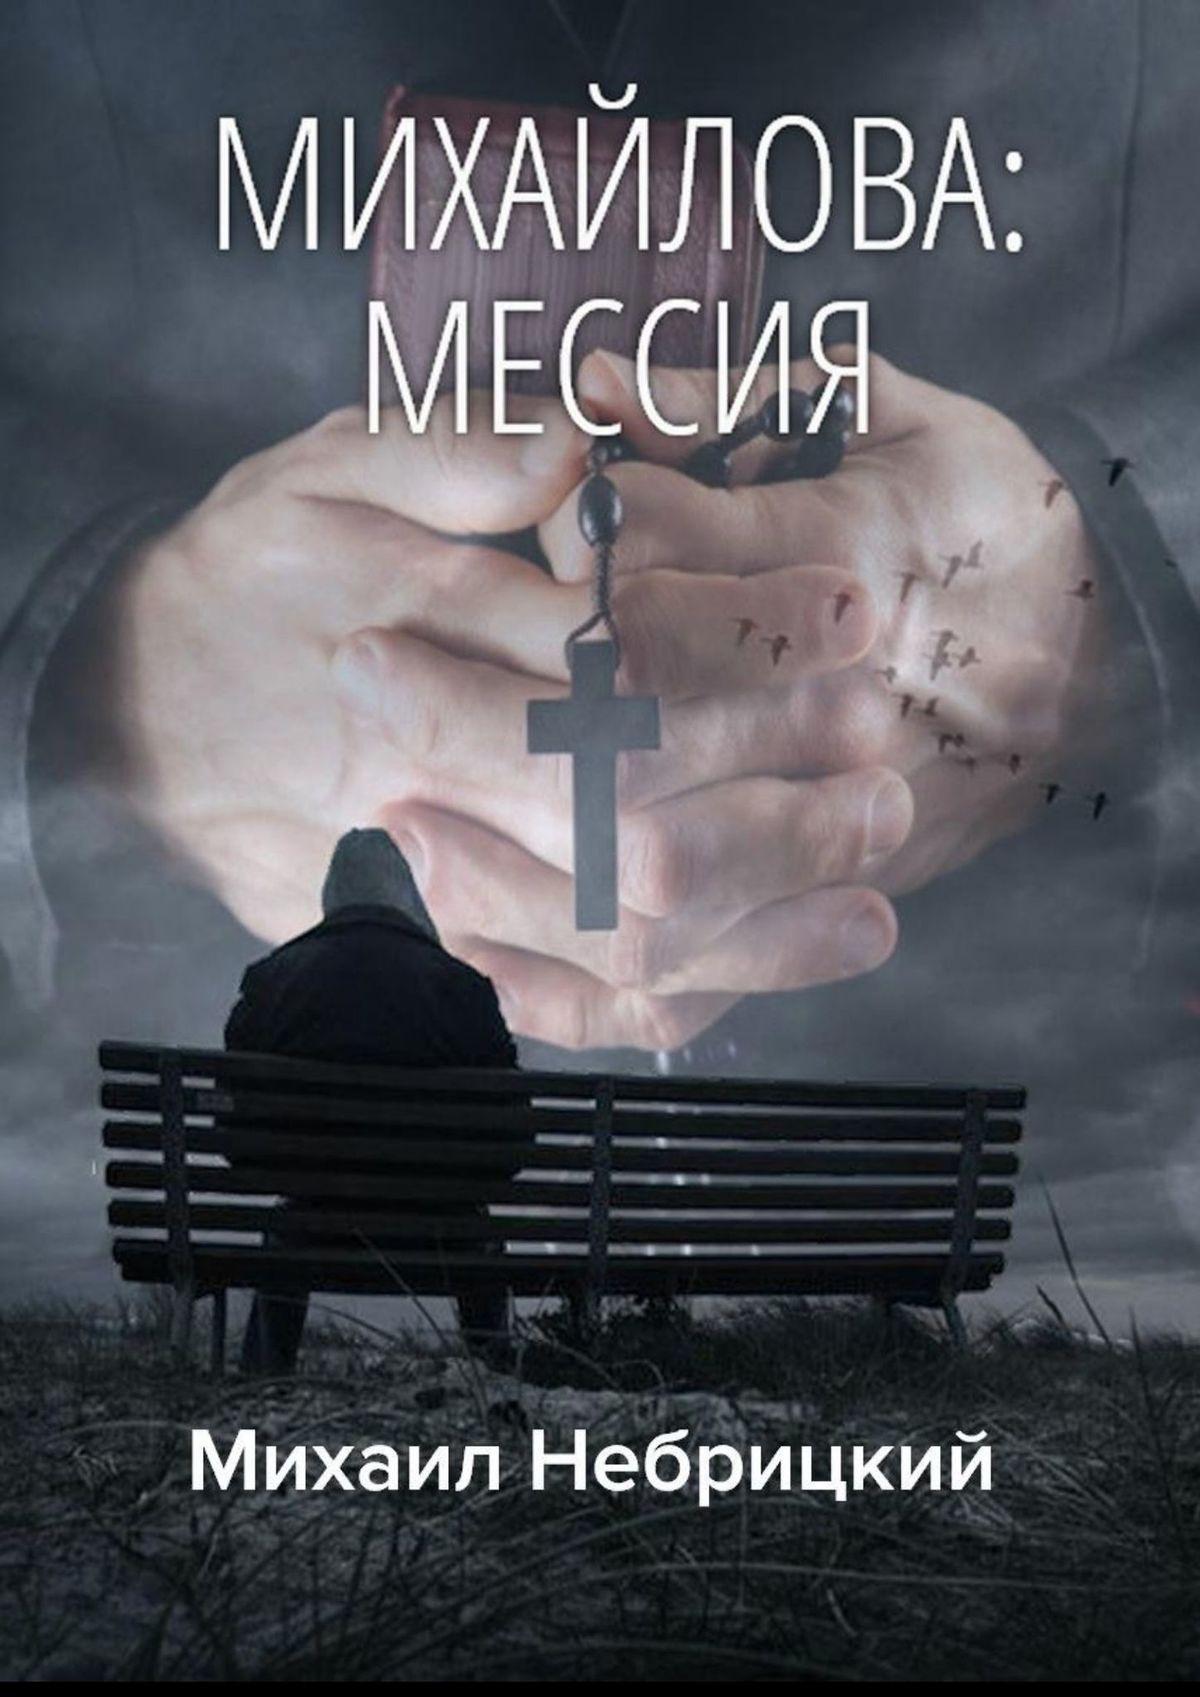 Купить книгу Михайлова: Мессия, автора Михаила Небрицкого